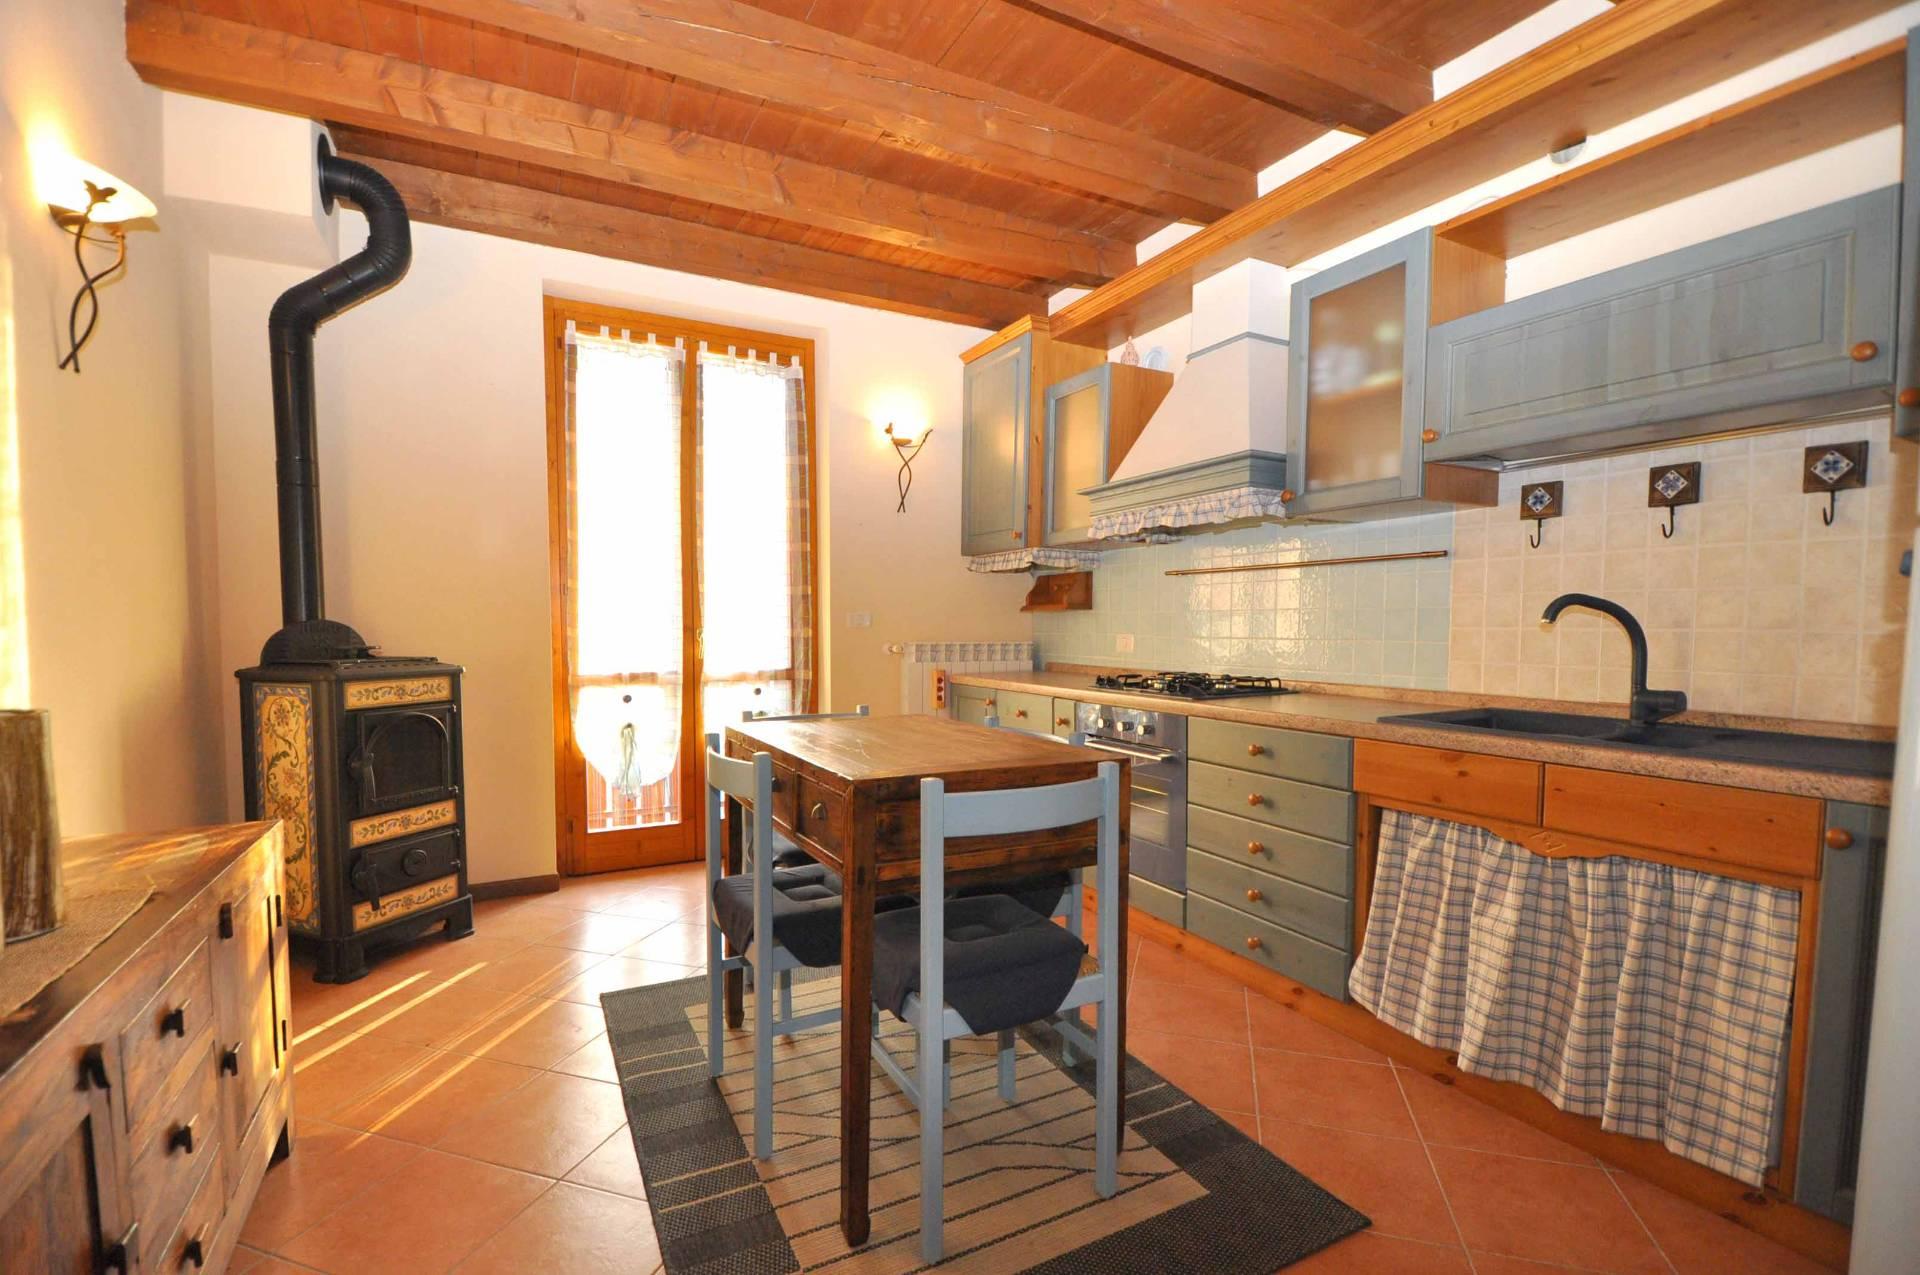 Appartamento in vendita a Moio de' Calvi, 2 locali, prezzo € 54.000 | Cambio Casa.it